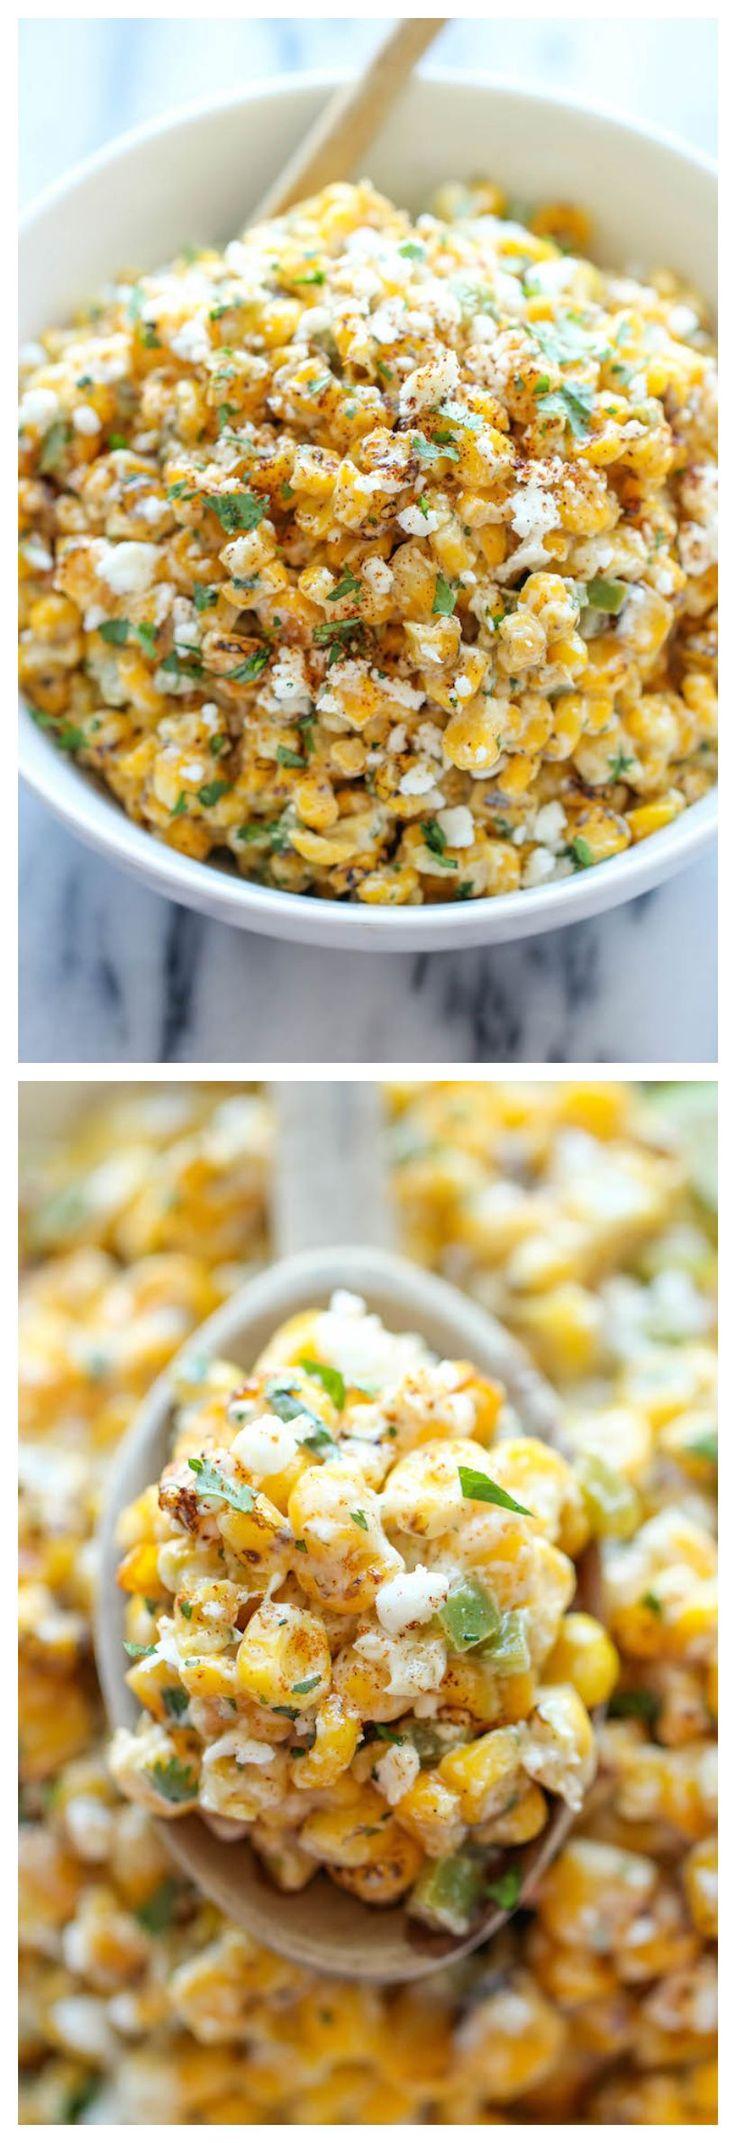 Mexican Corn Dip | Damndelicious